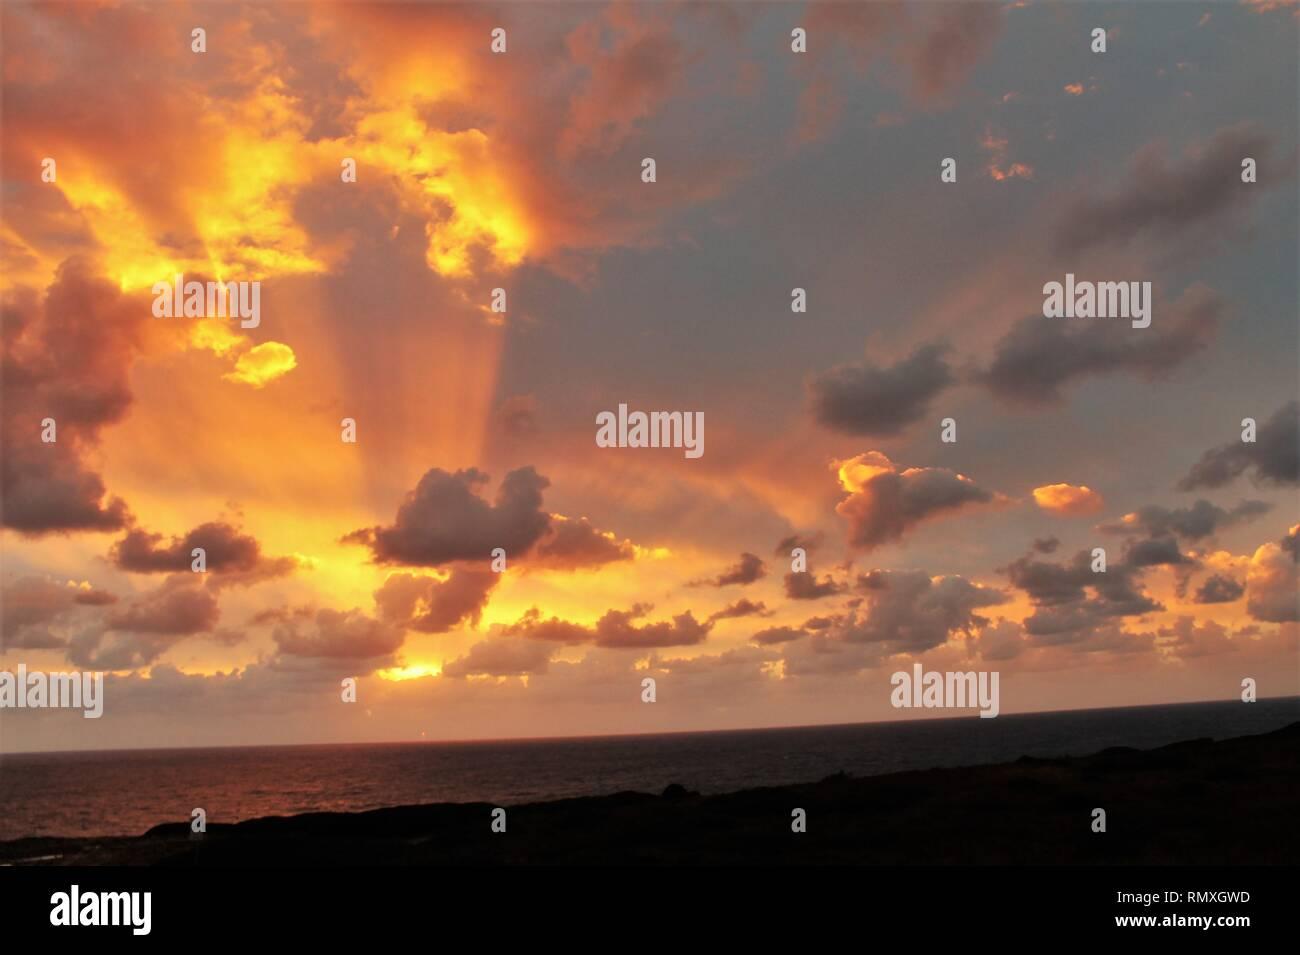 Coucher De Soleil Sur La Mer Avec Des Couleurs Intenses Banque D